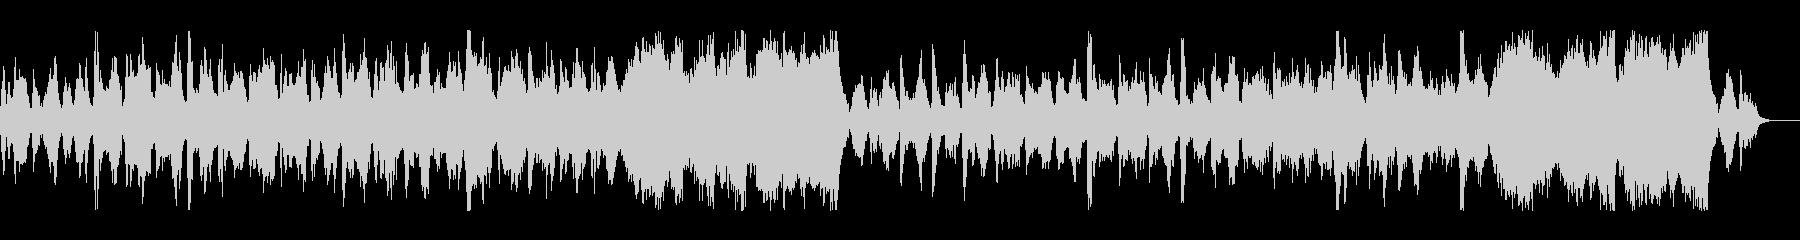 優雅で上品で落ち着いているワルツ曲の未再生の波形